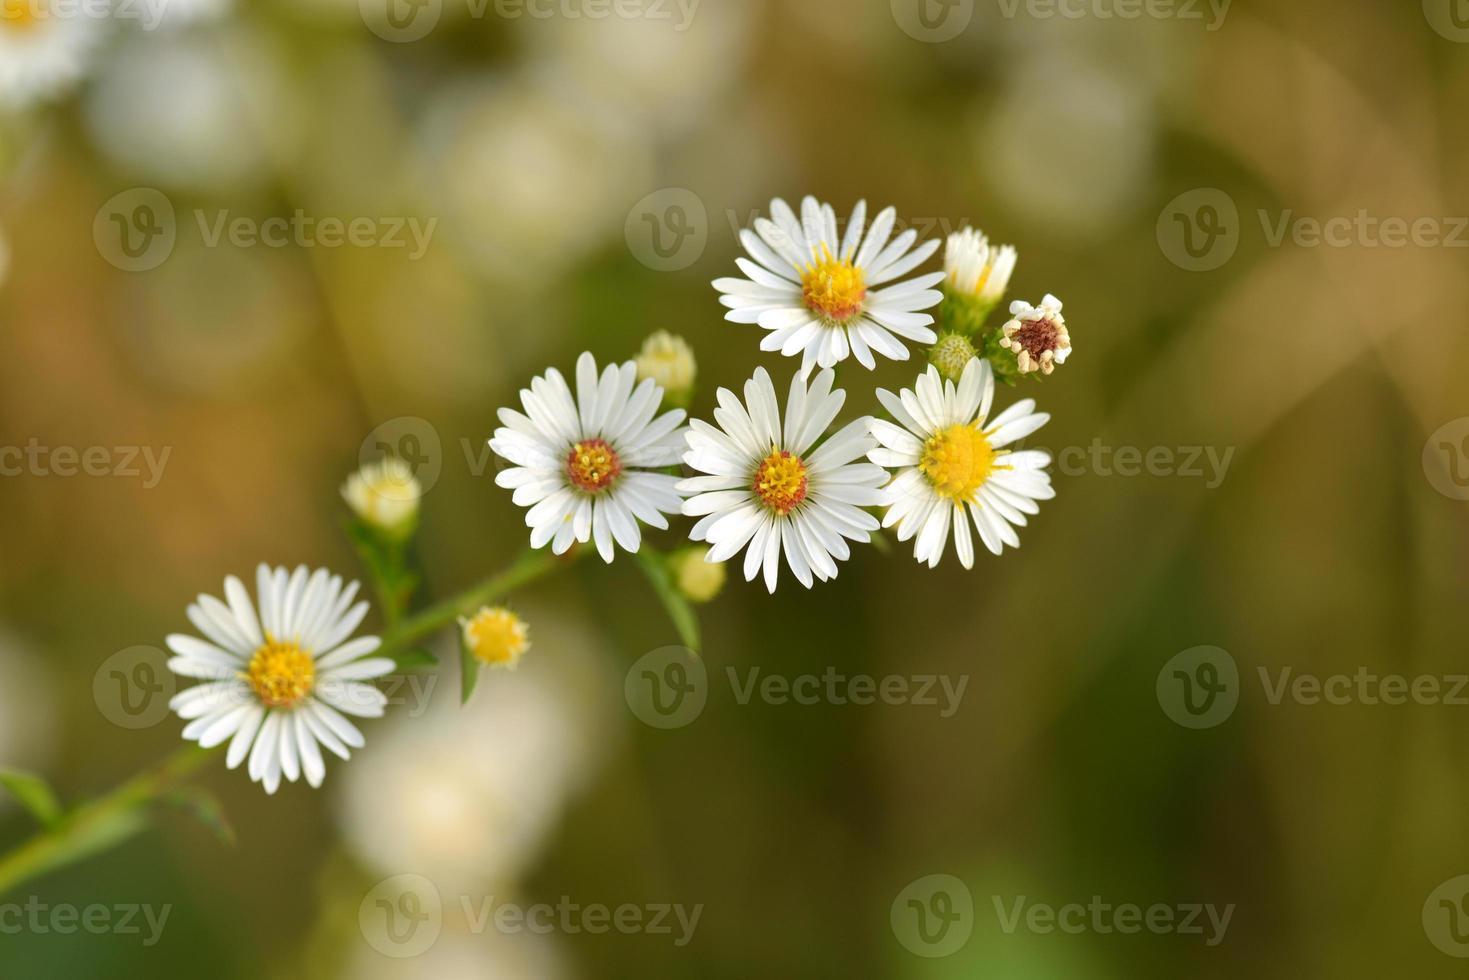 fiore bianco foto